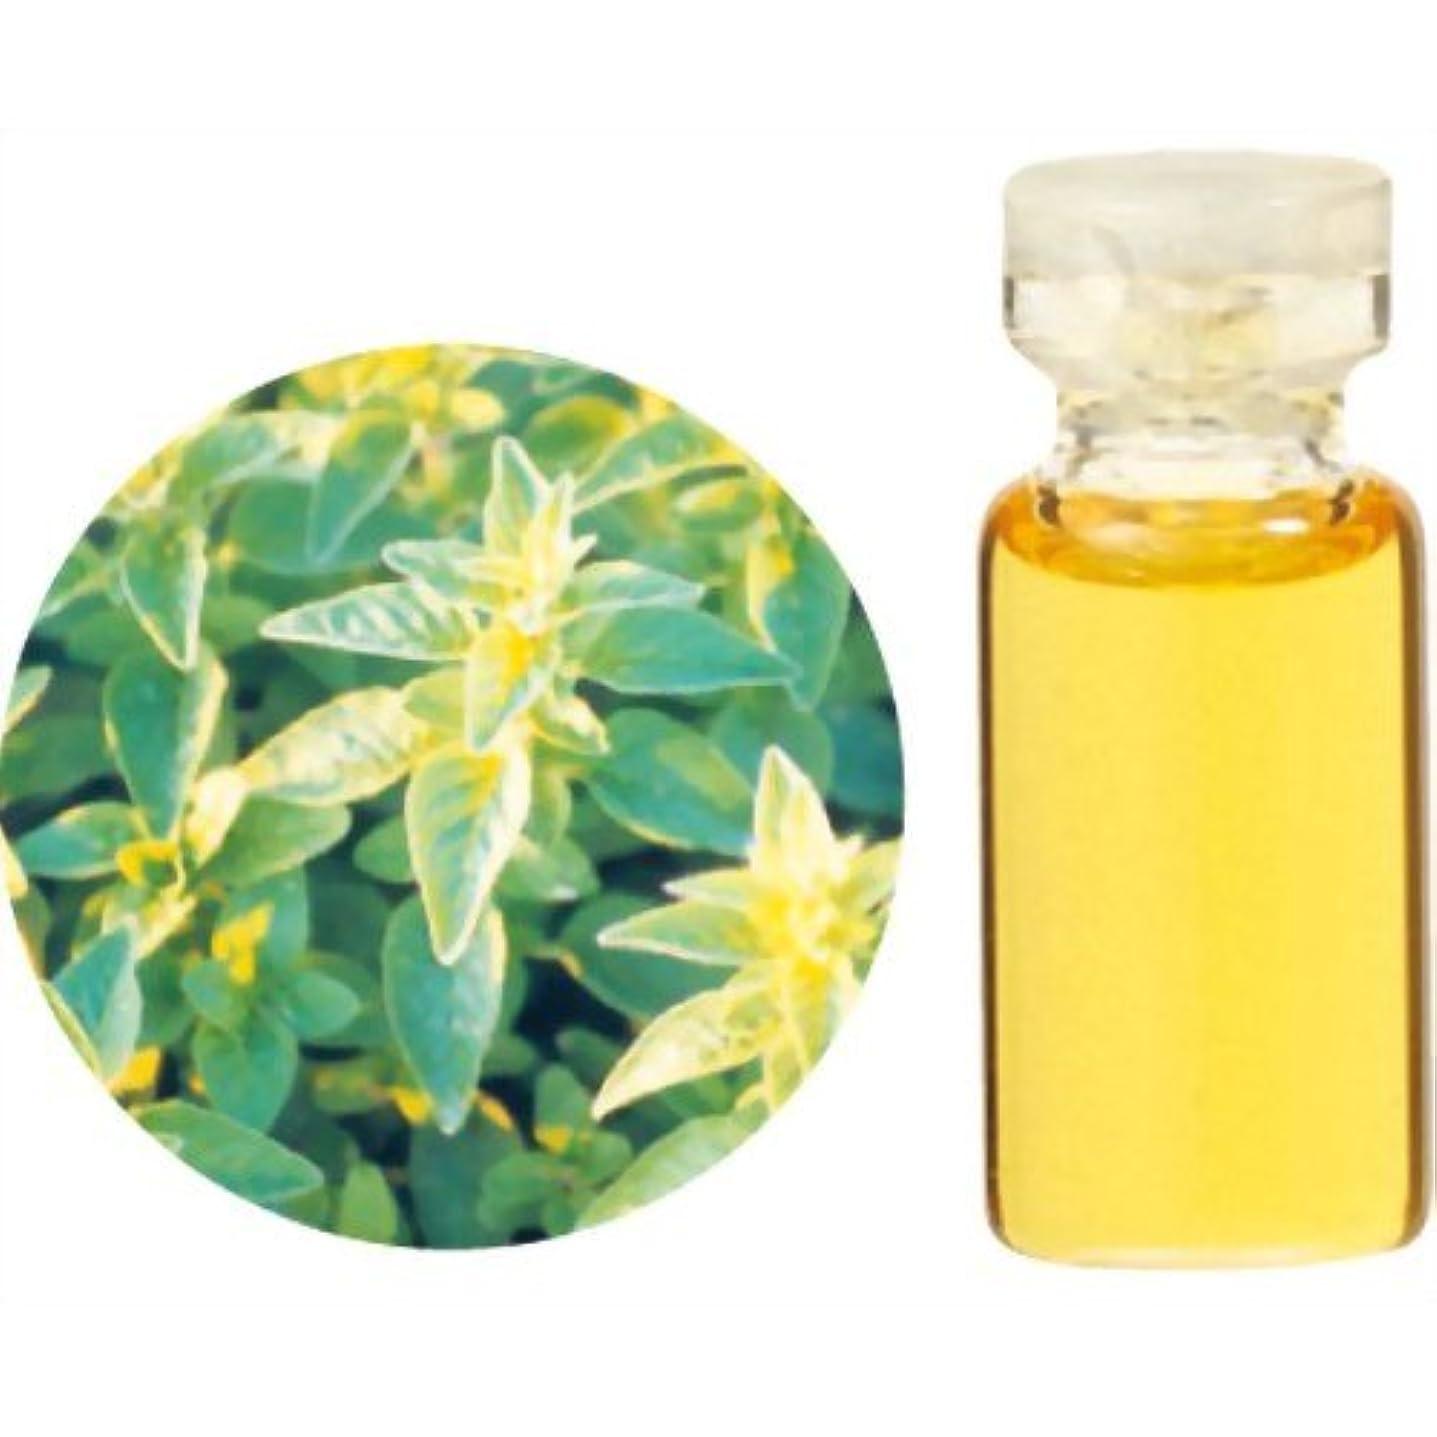 懐資本角度生活の木 Herbal Life レアバリューオイル メリッサ 1ml